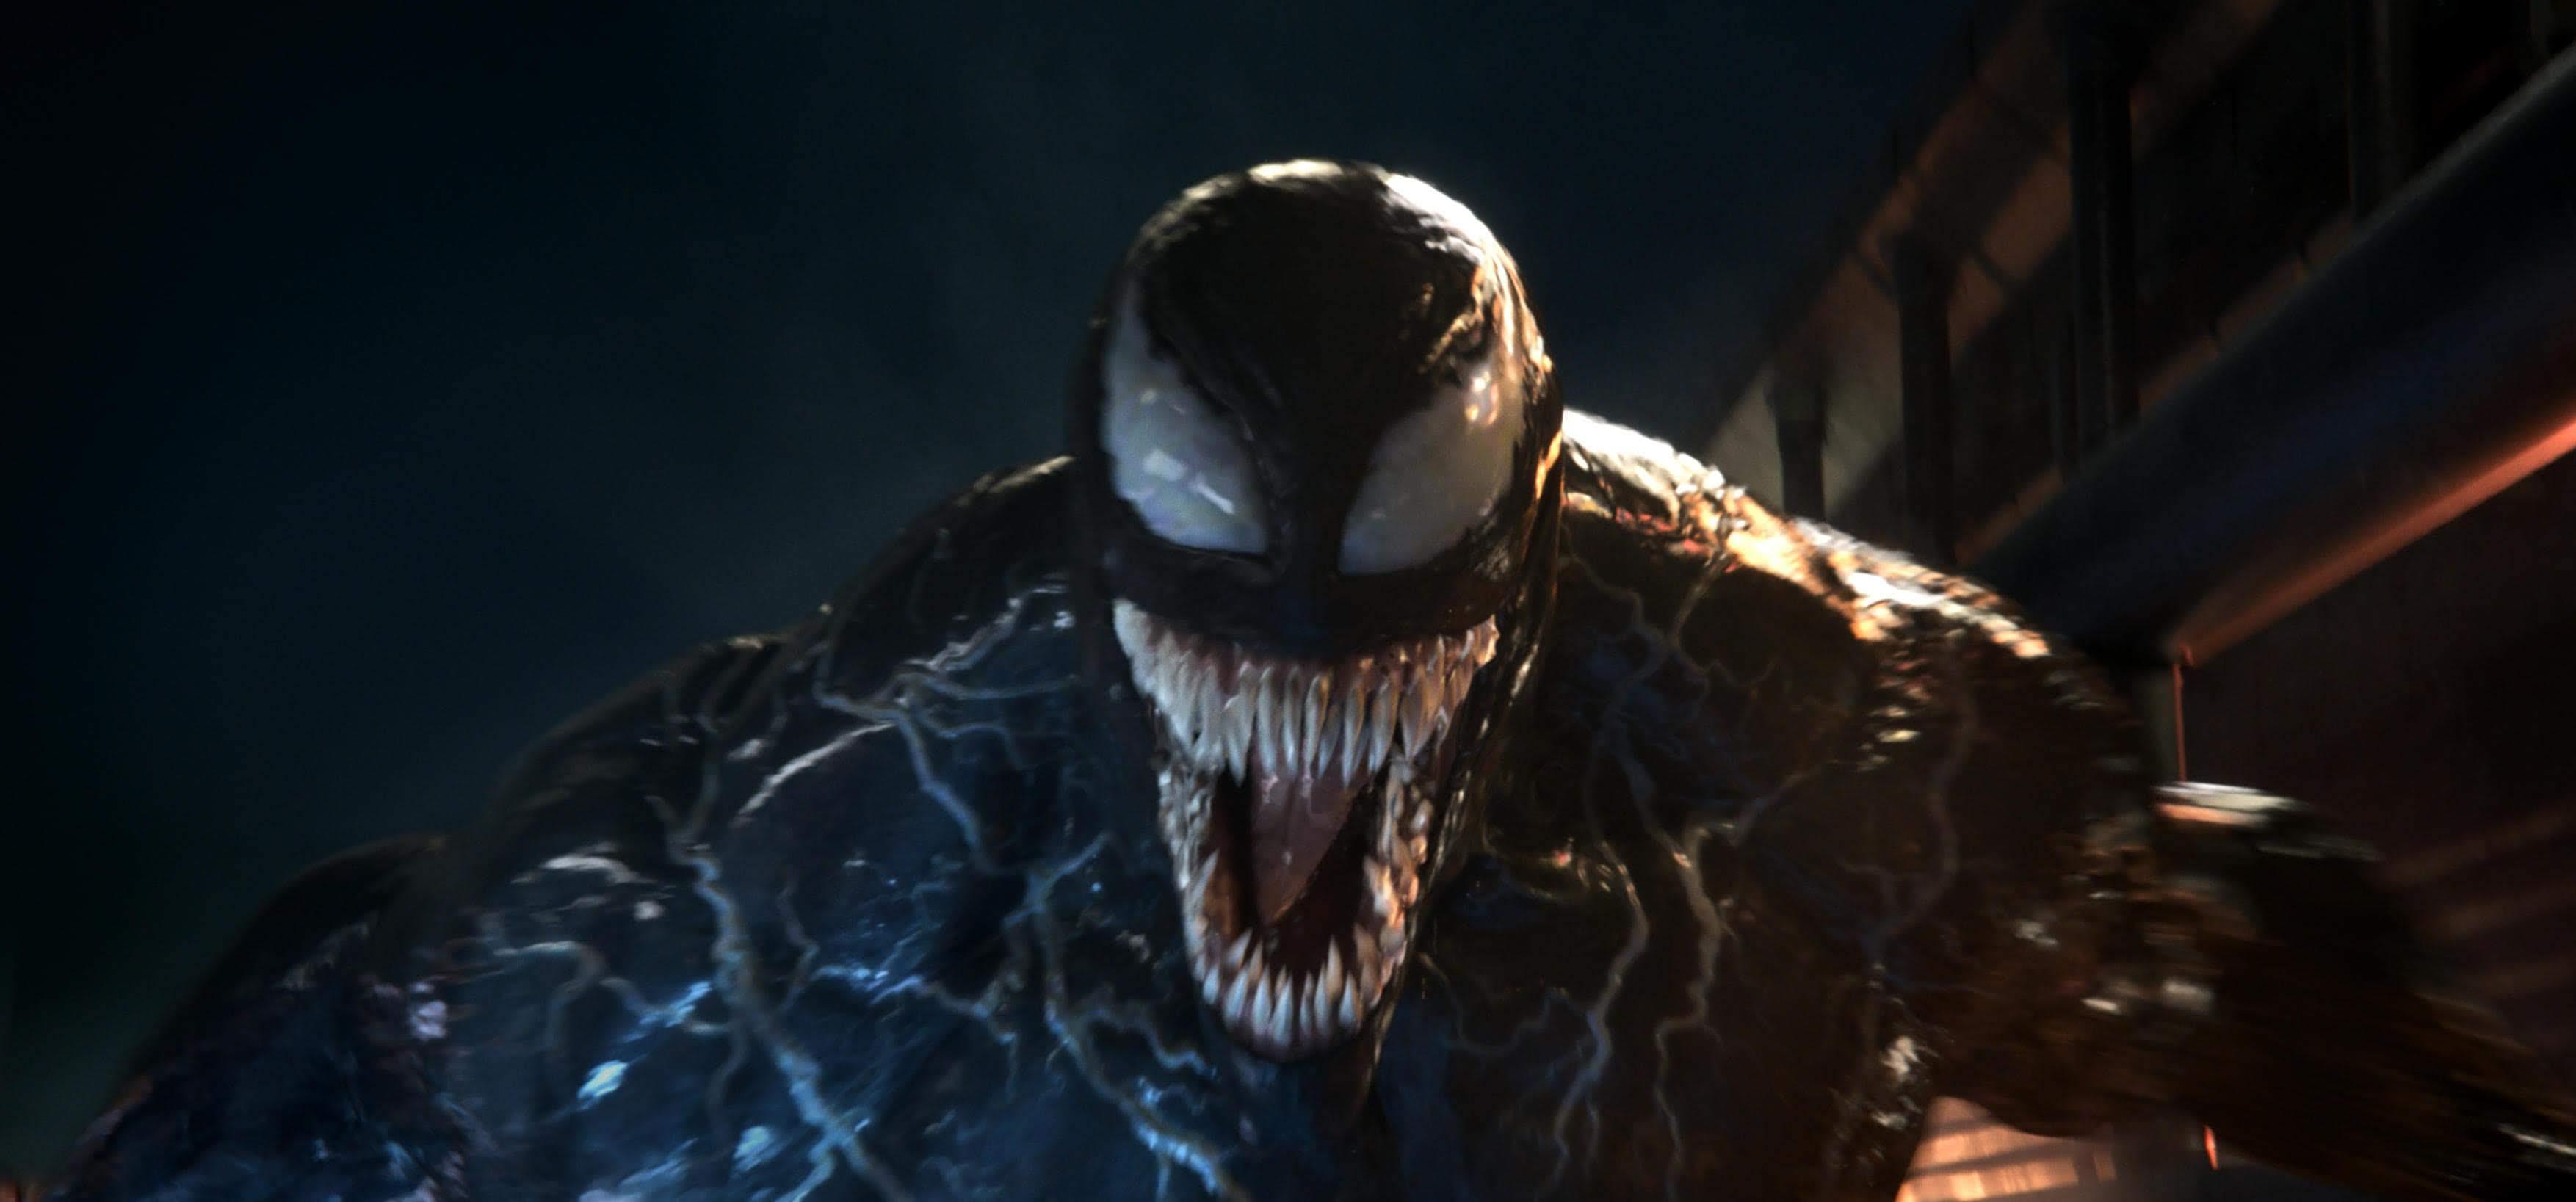 Tom Hardy indicate Venom Sequel Director : トム・ハーディ主演のコミックヒーロー映画の続編「ヴェノム 2」のメガホンをとる監督が決定したかもしれないことを、当のトム本人がほのめかしてくれた ! !